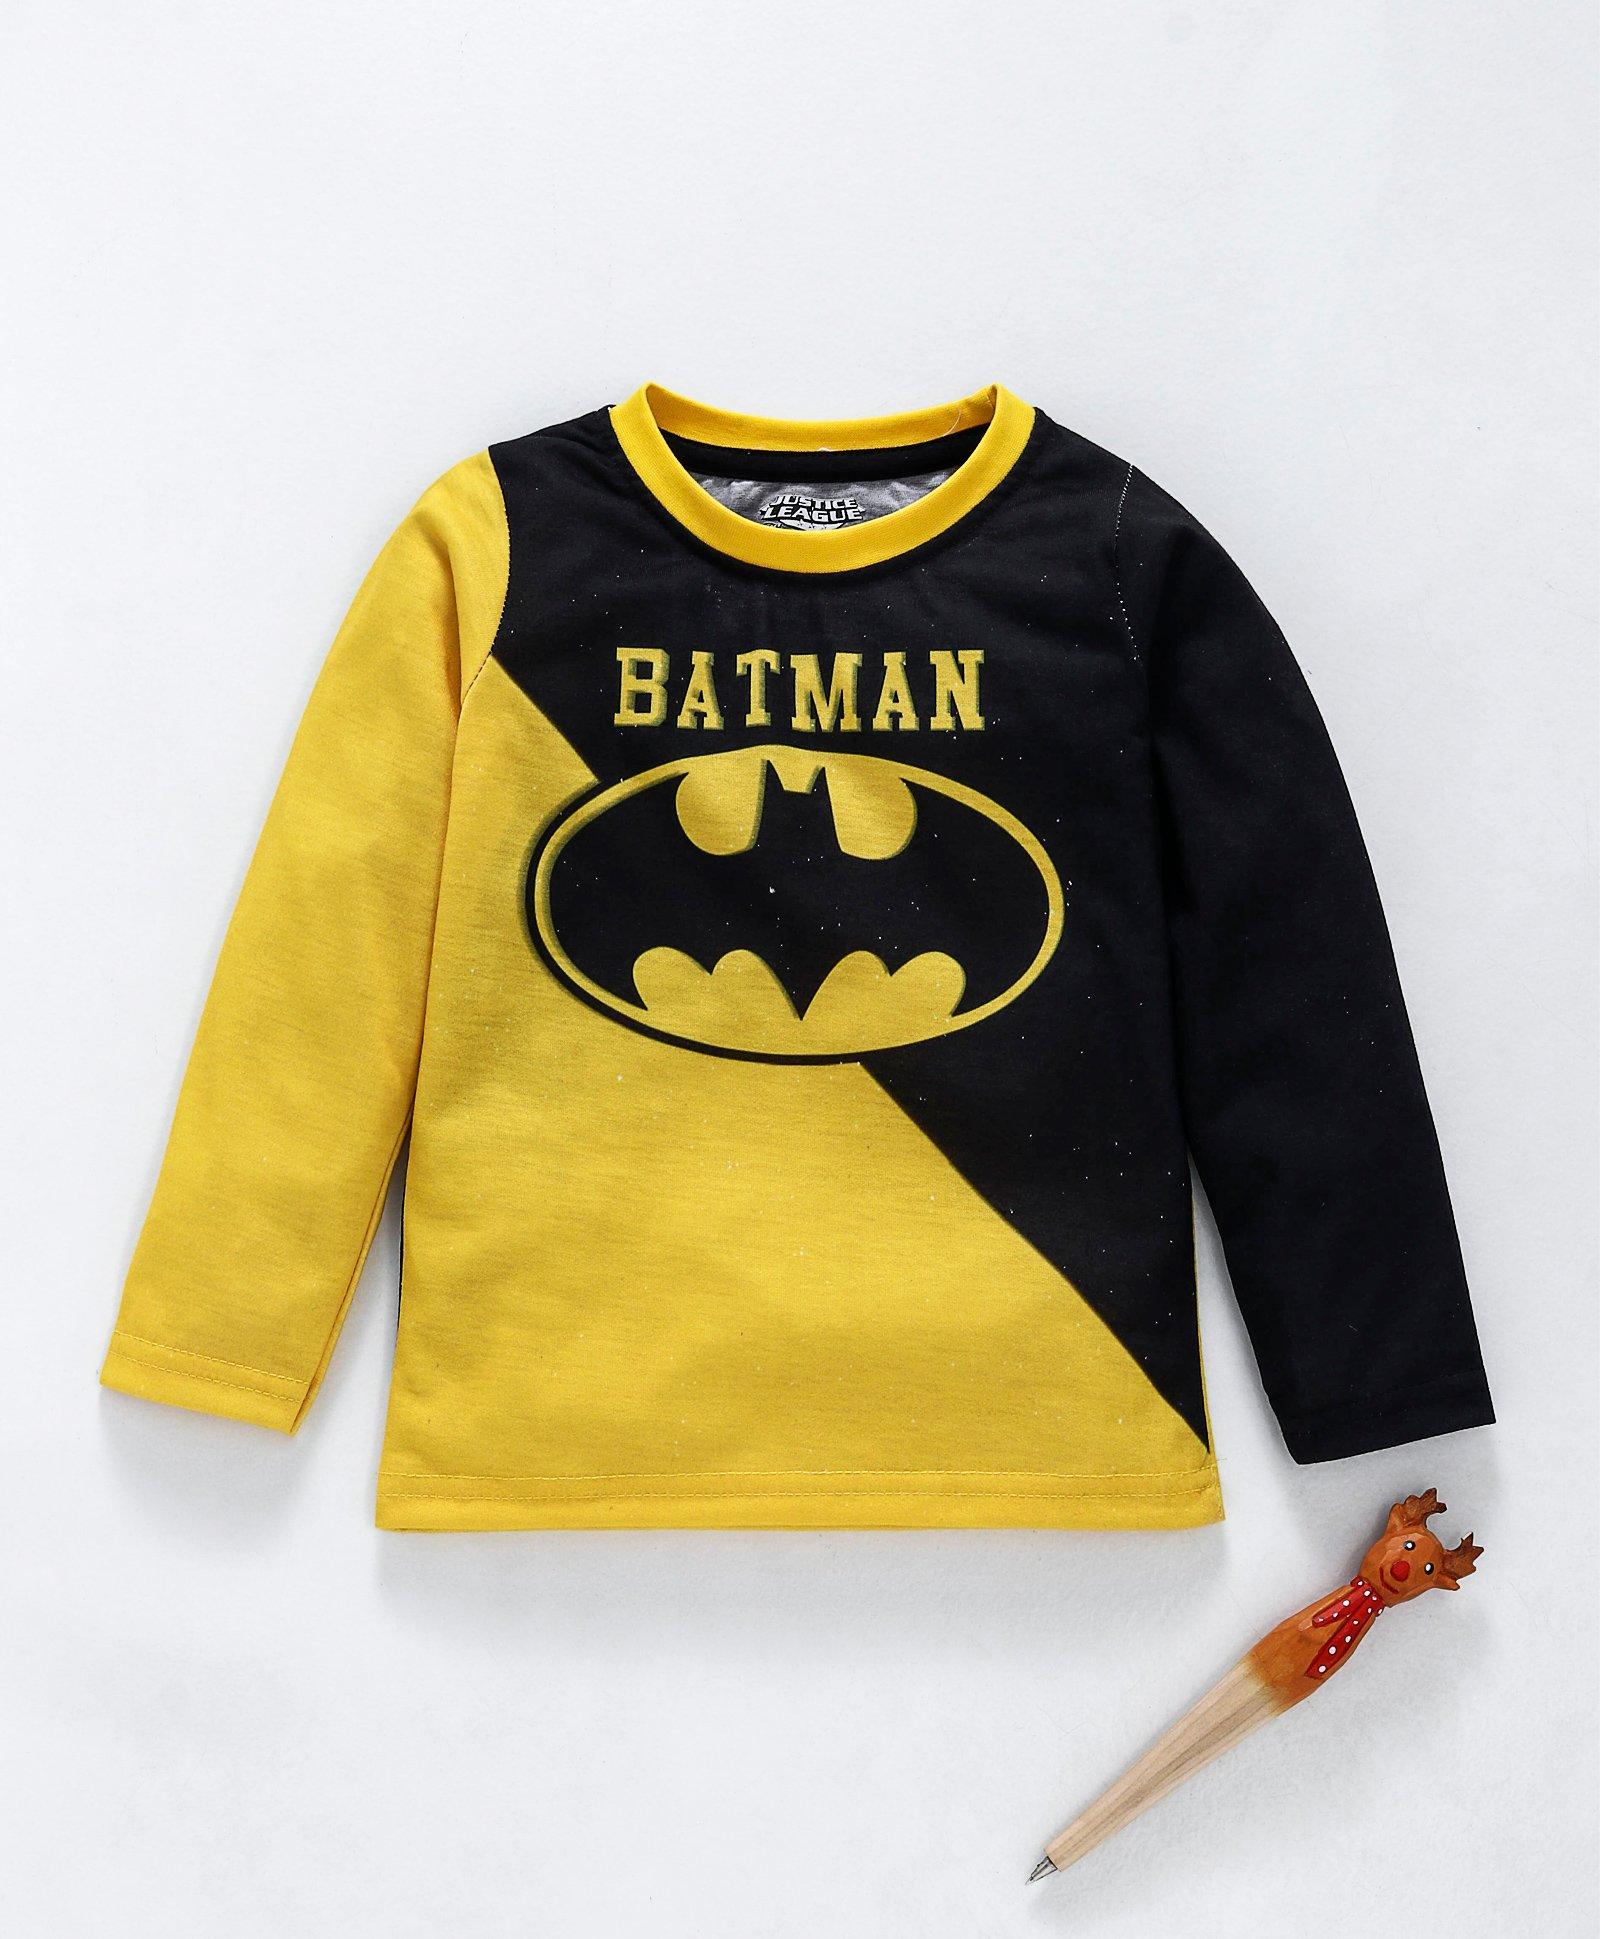 d0f6470874 Buy Game Begins Full Sleeves Tee Batman Print Black Yellow for ...